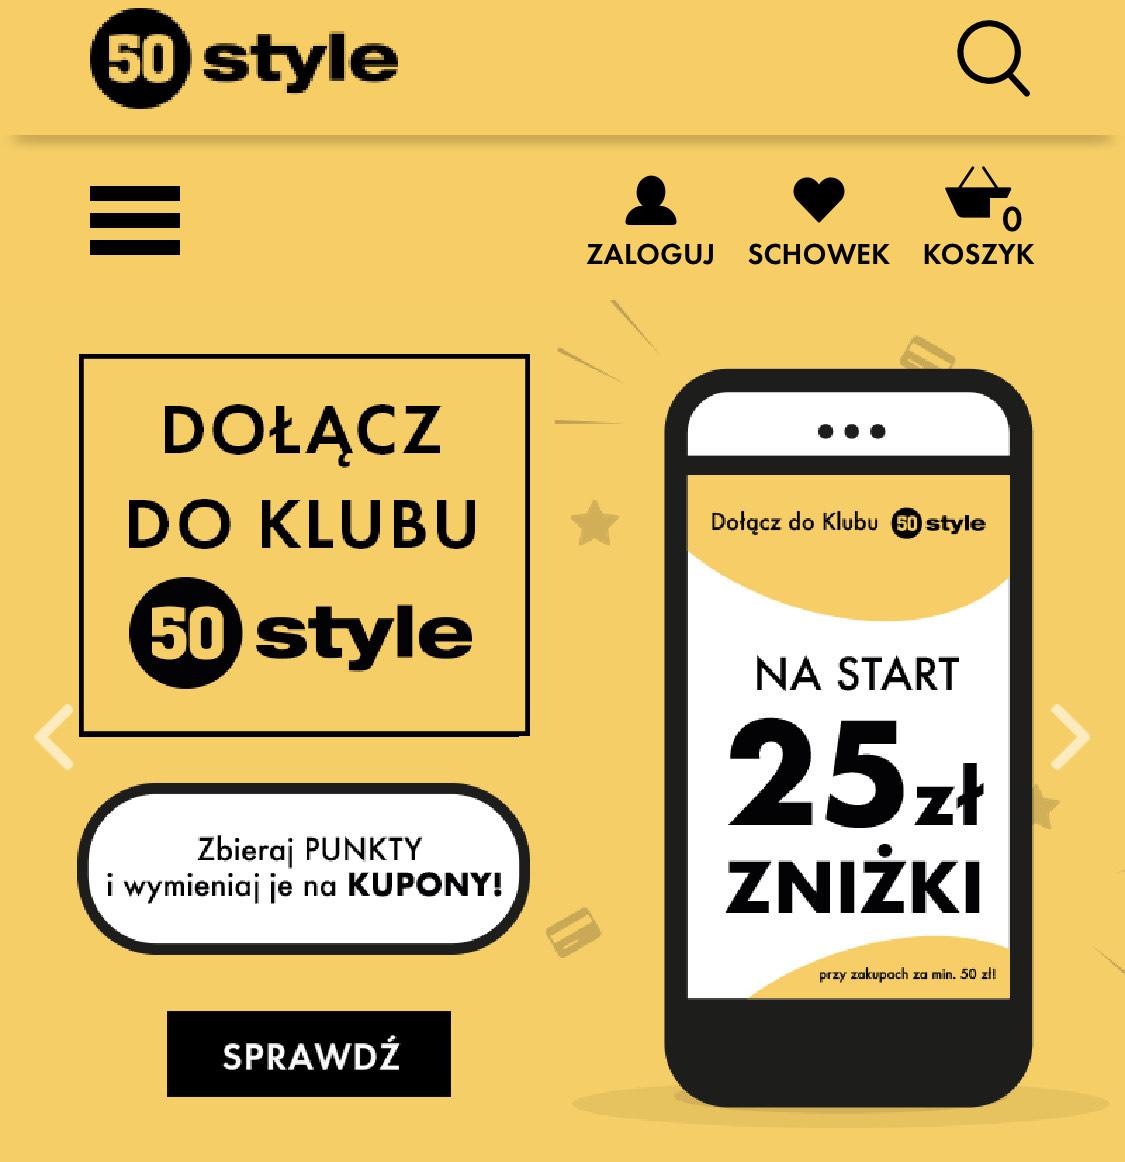 50style -25zł na pierwsze zakupy (MWZ 50zł)